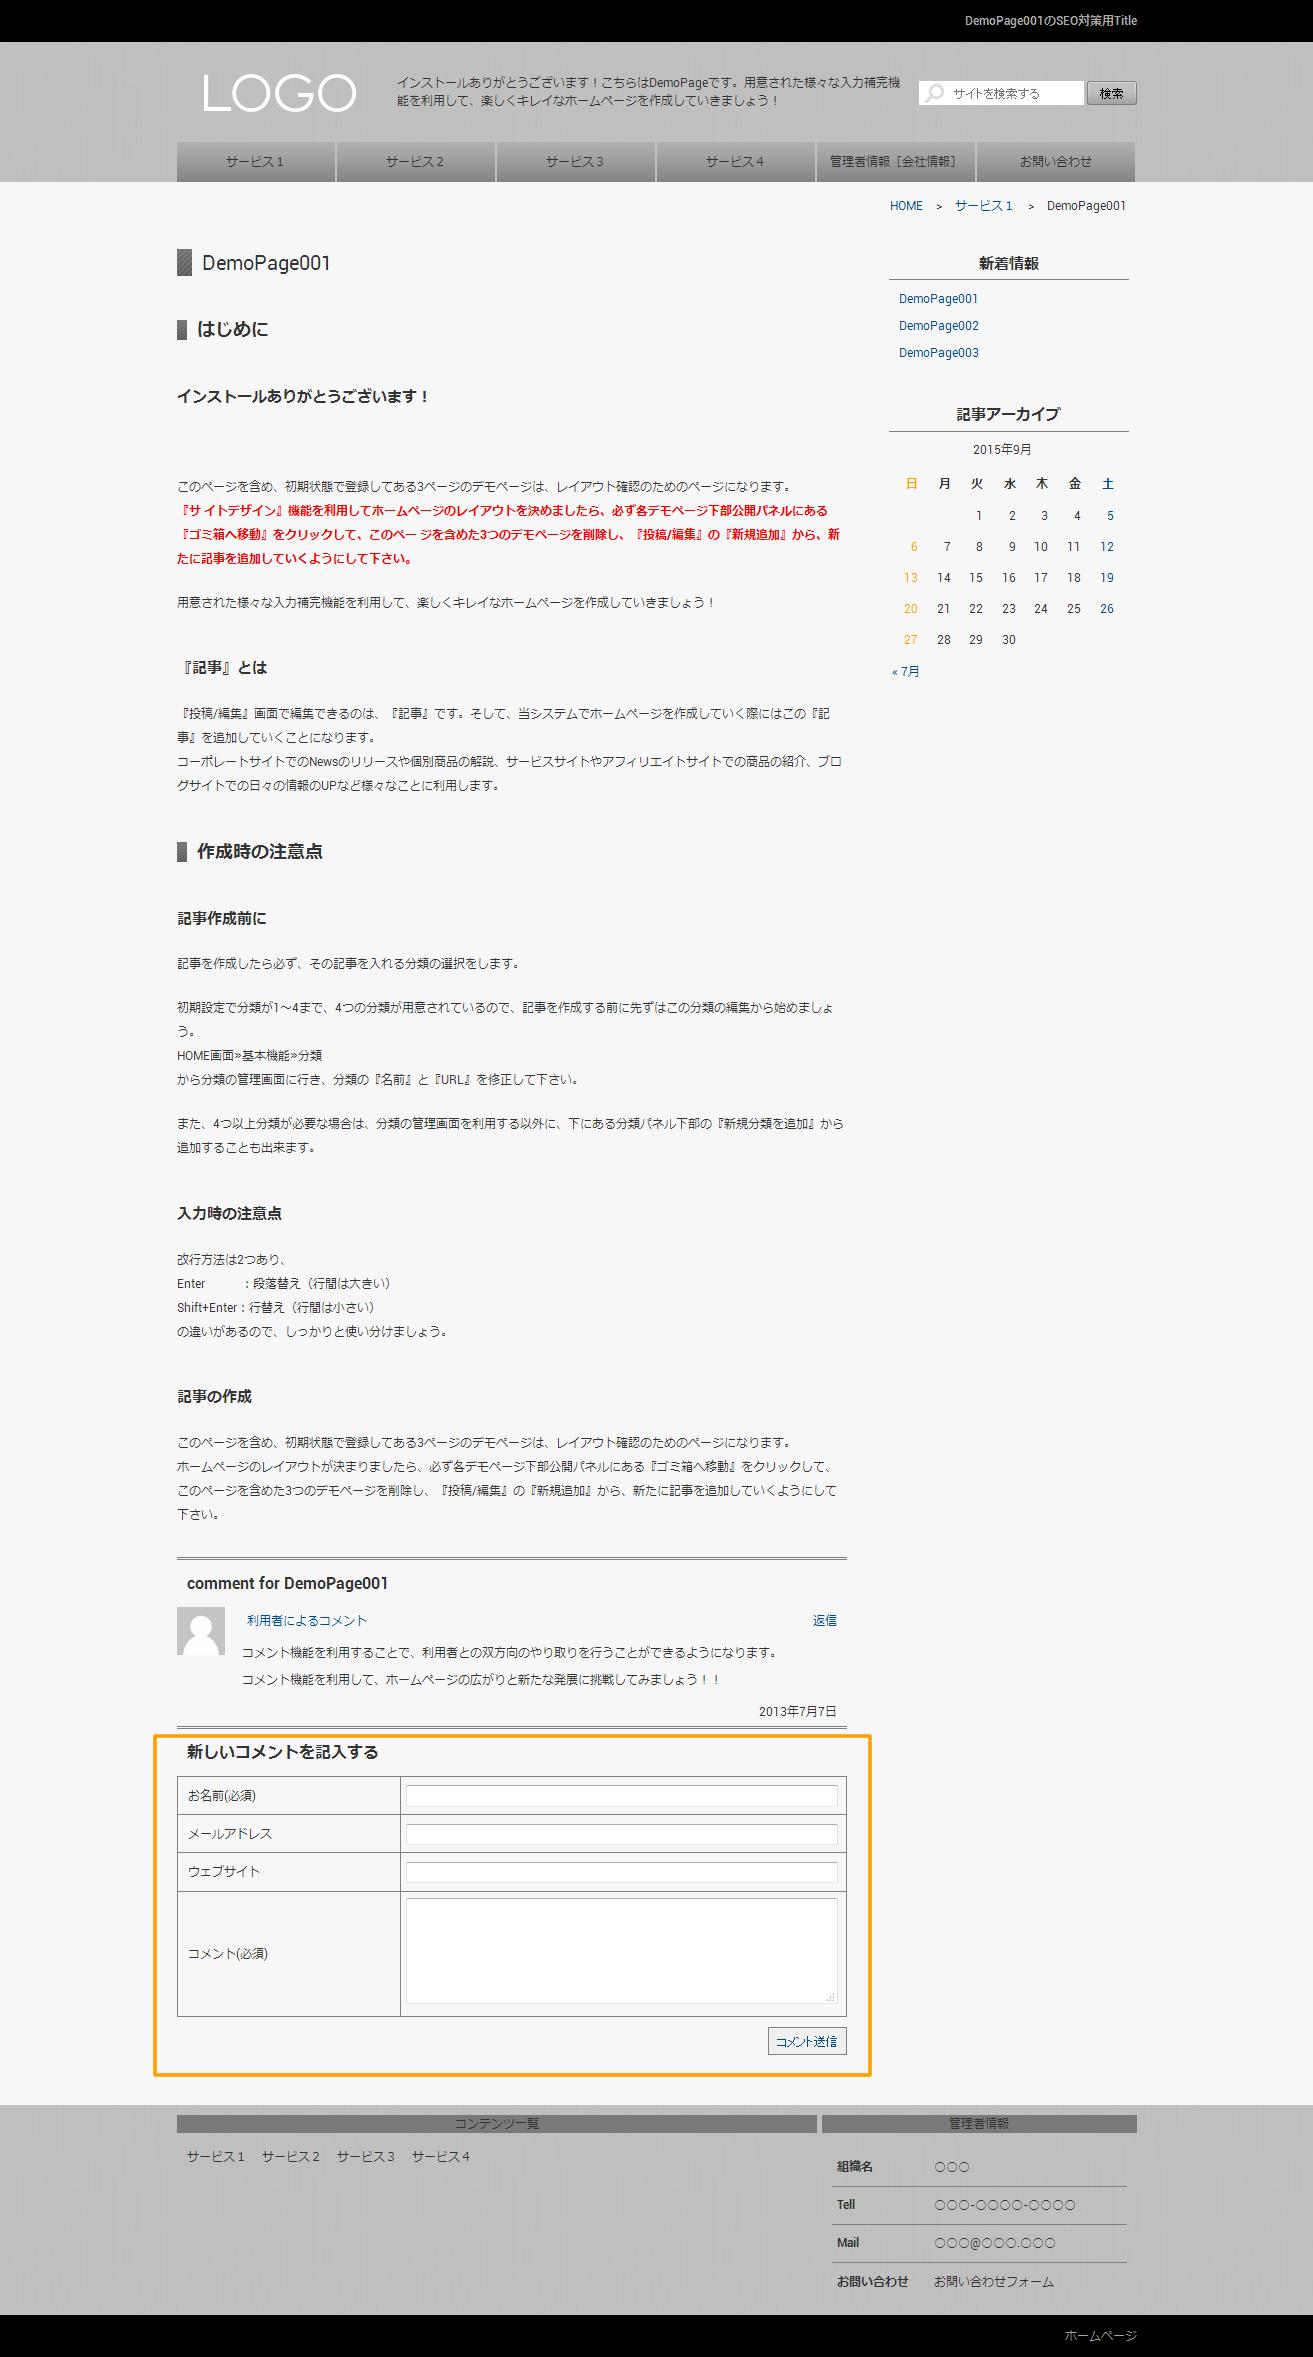 ホームページ コメント欄 | 初期費用無料ホームページ作成サイト - FunMaker